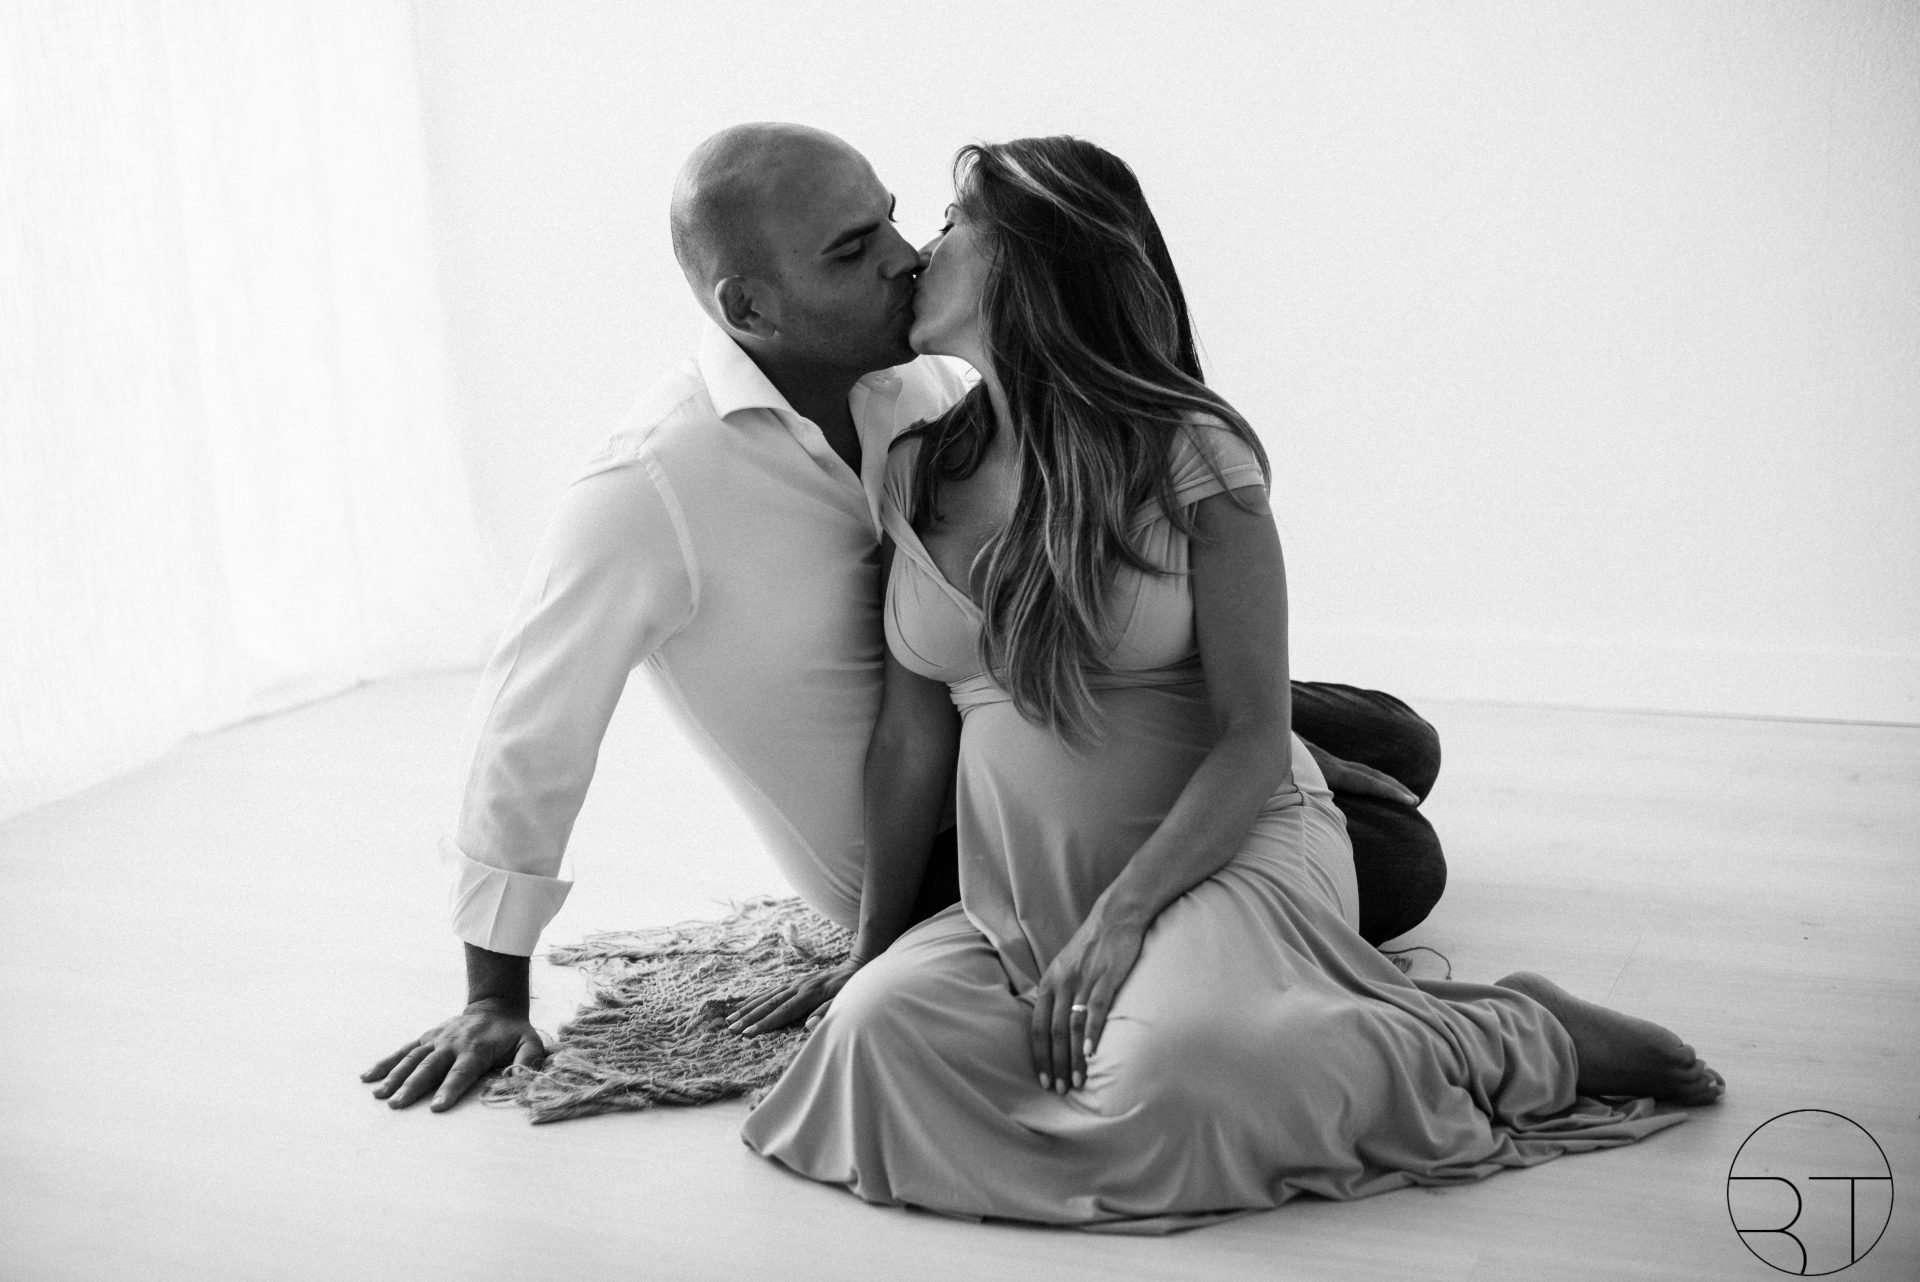 Fotografia coppia che si bacia seduti realizzata da Barbara Trincone Fotografo specializzato in Gravidanza, Maternità, Genitorialità, Nascita e Newborn a Napoli